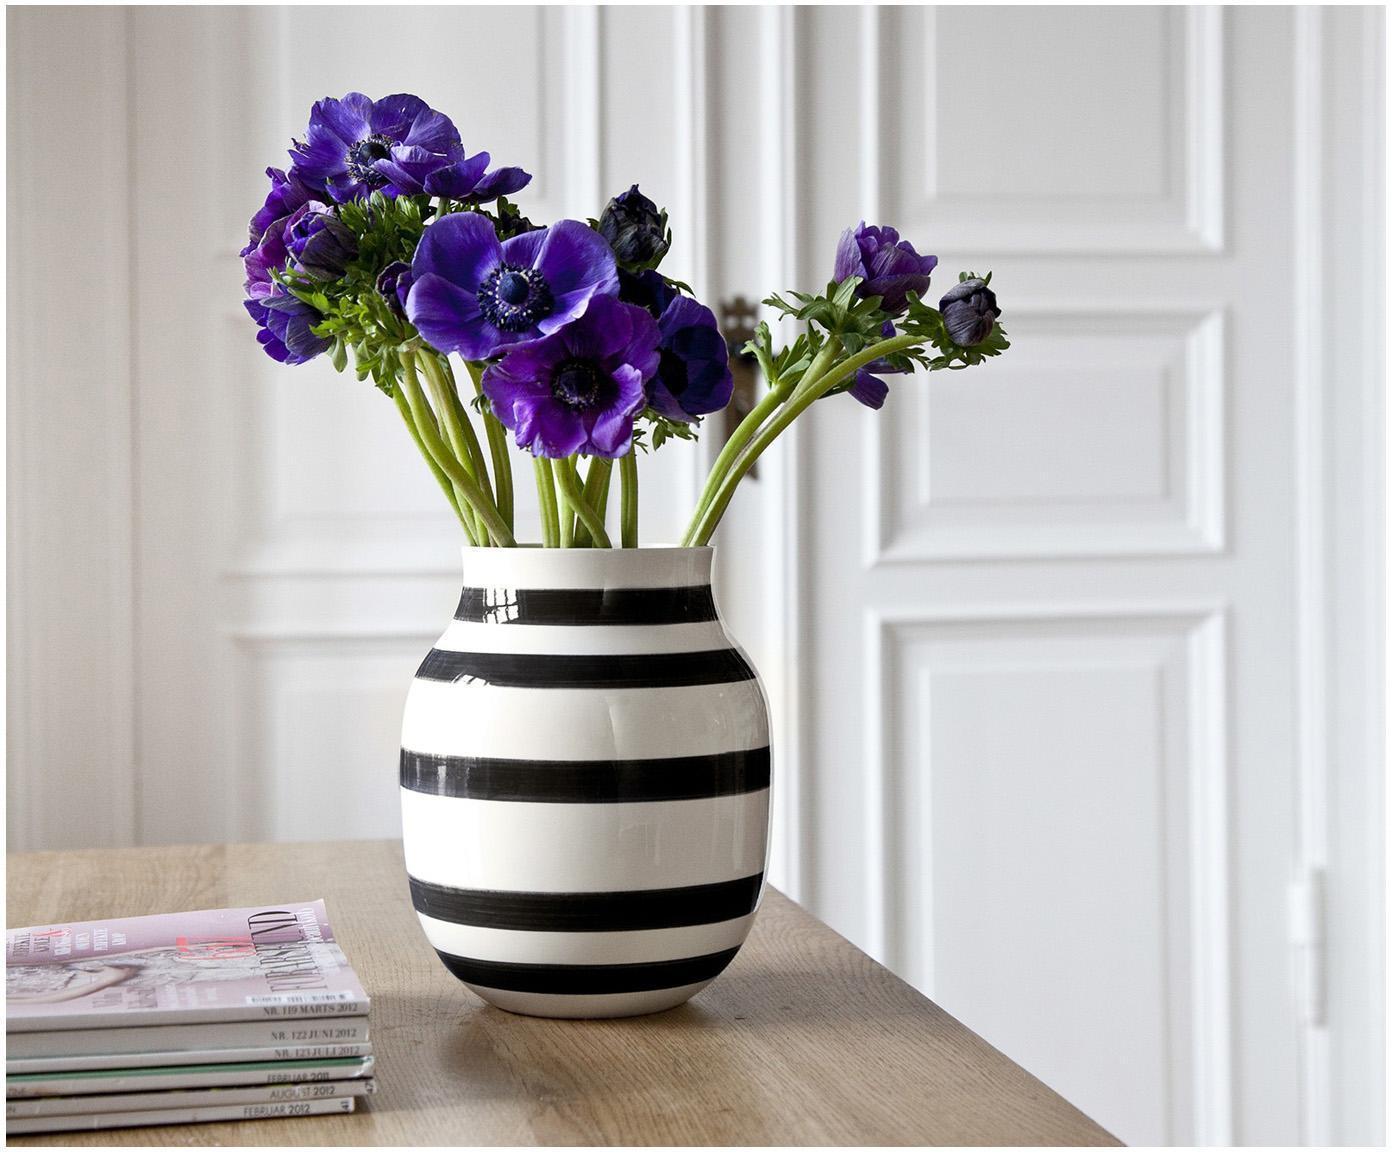 Średni ręcznie wykonany wazon Omaggio, Ceramika, Czarny, biały, Ø 17 x W 20 cm